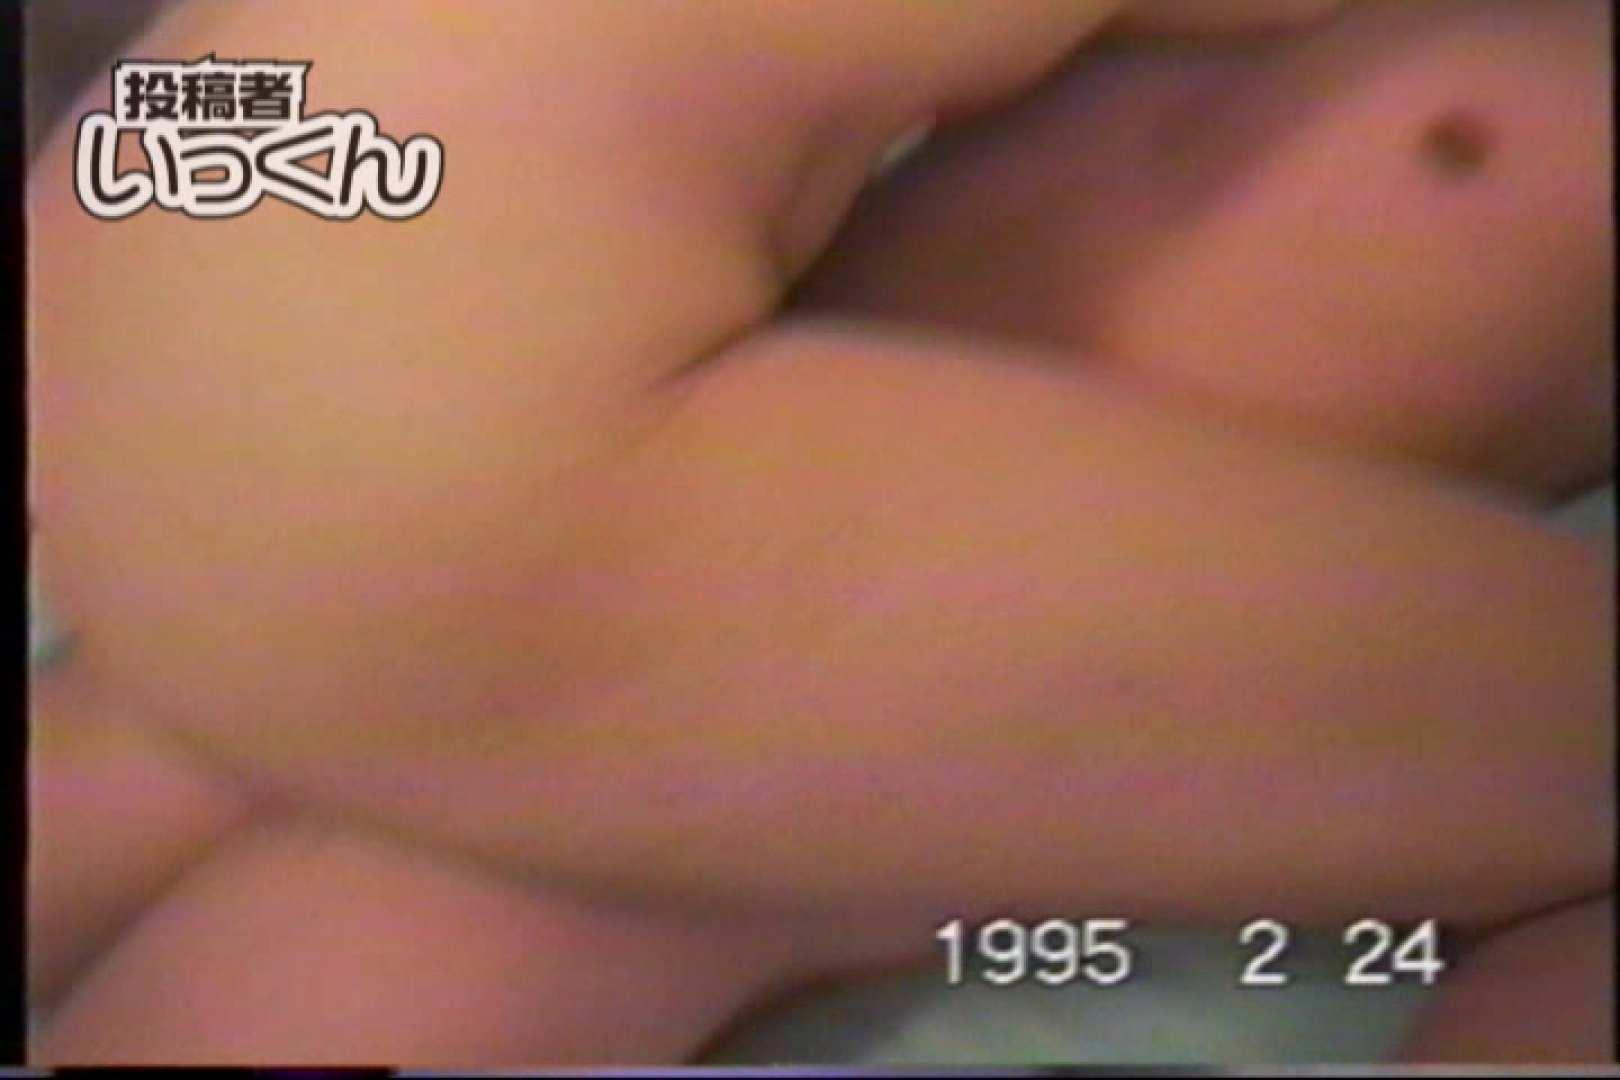 調教師いっくんの ちほ撮影バレ 一般投稿   盗撮  57pic 21